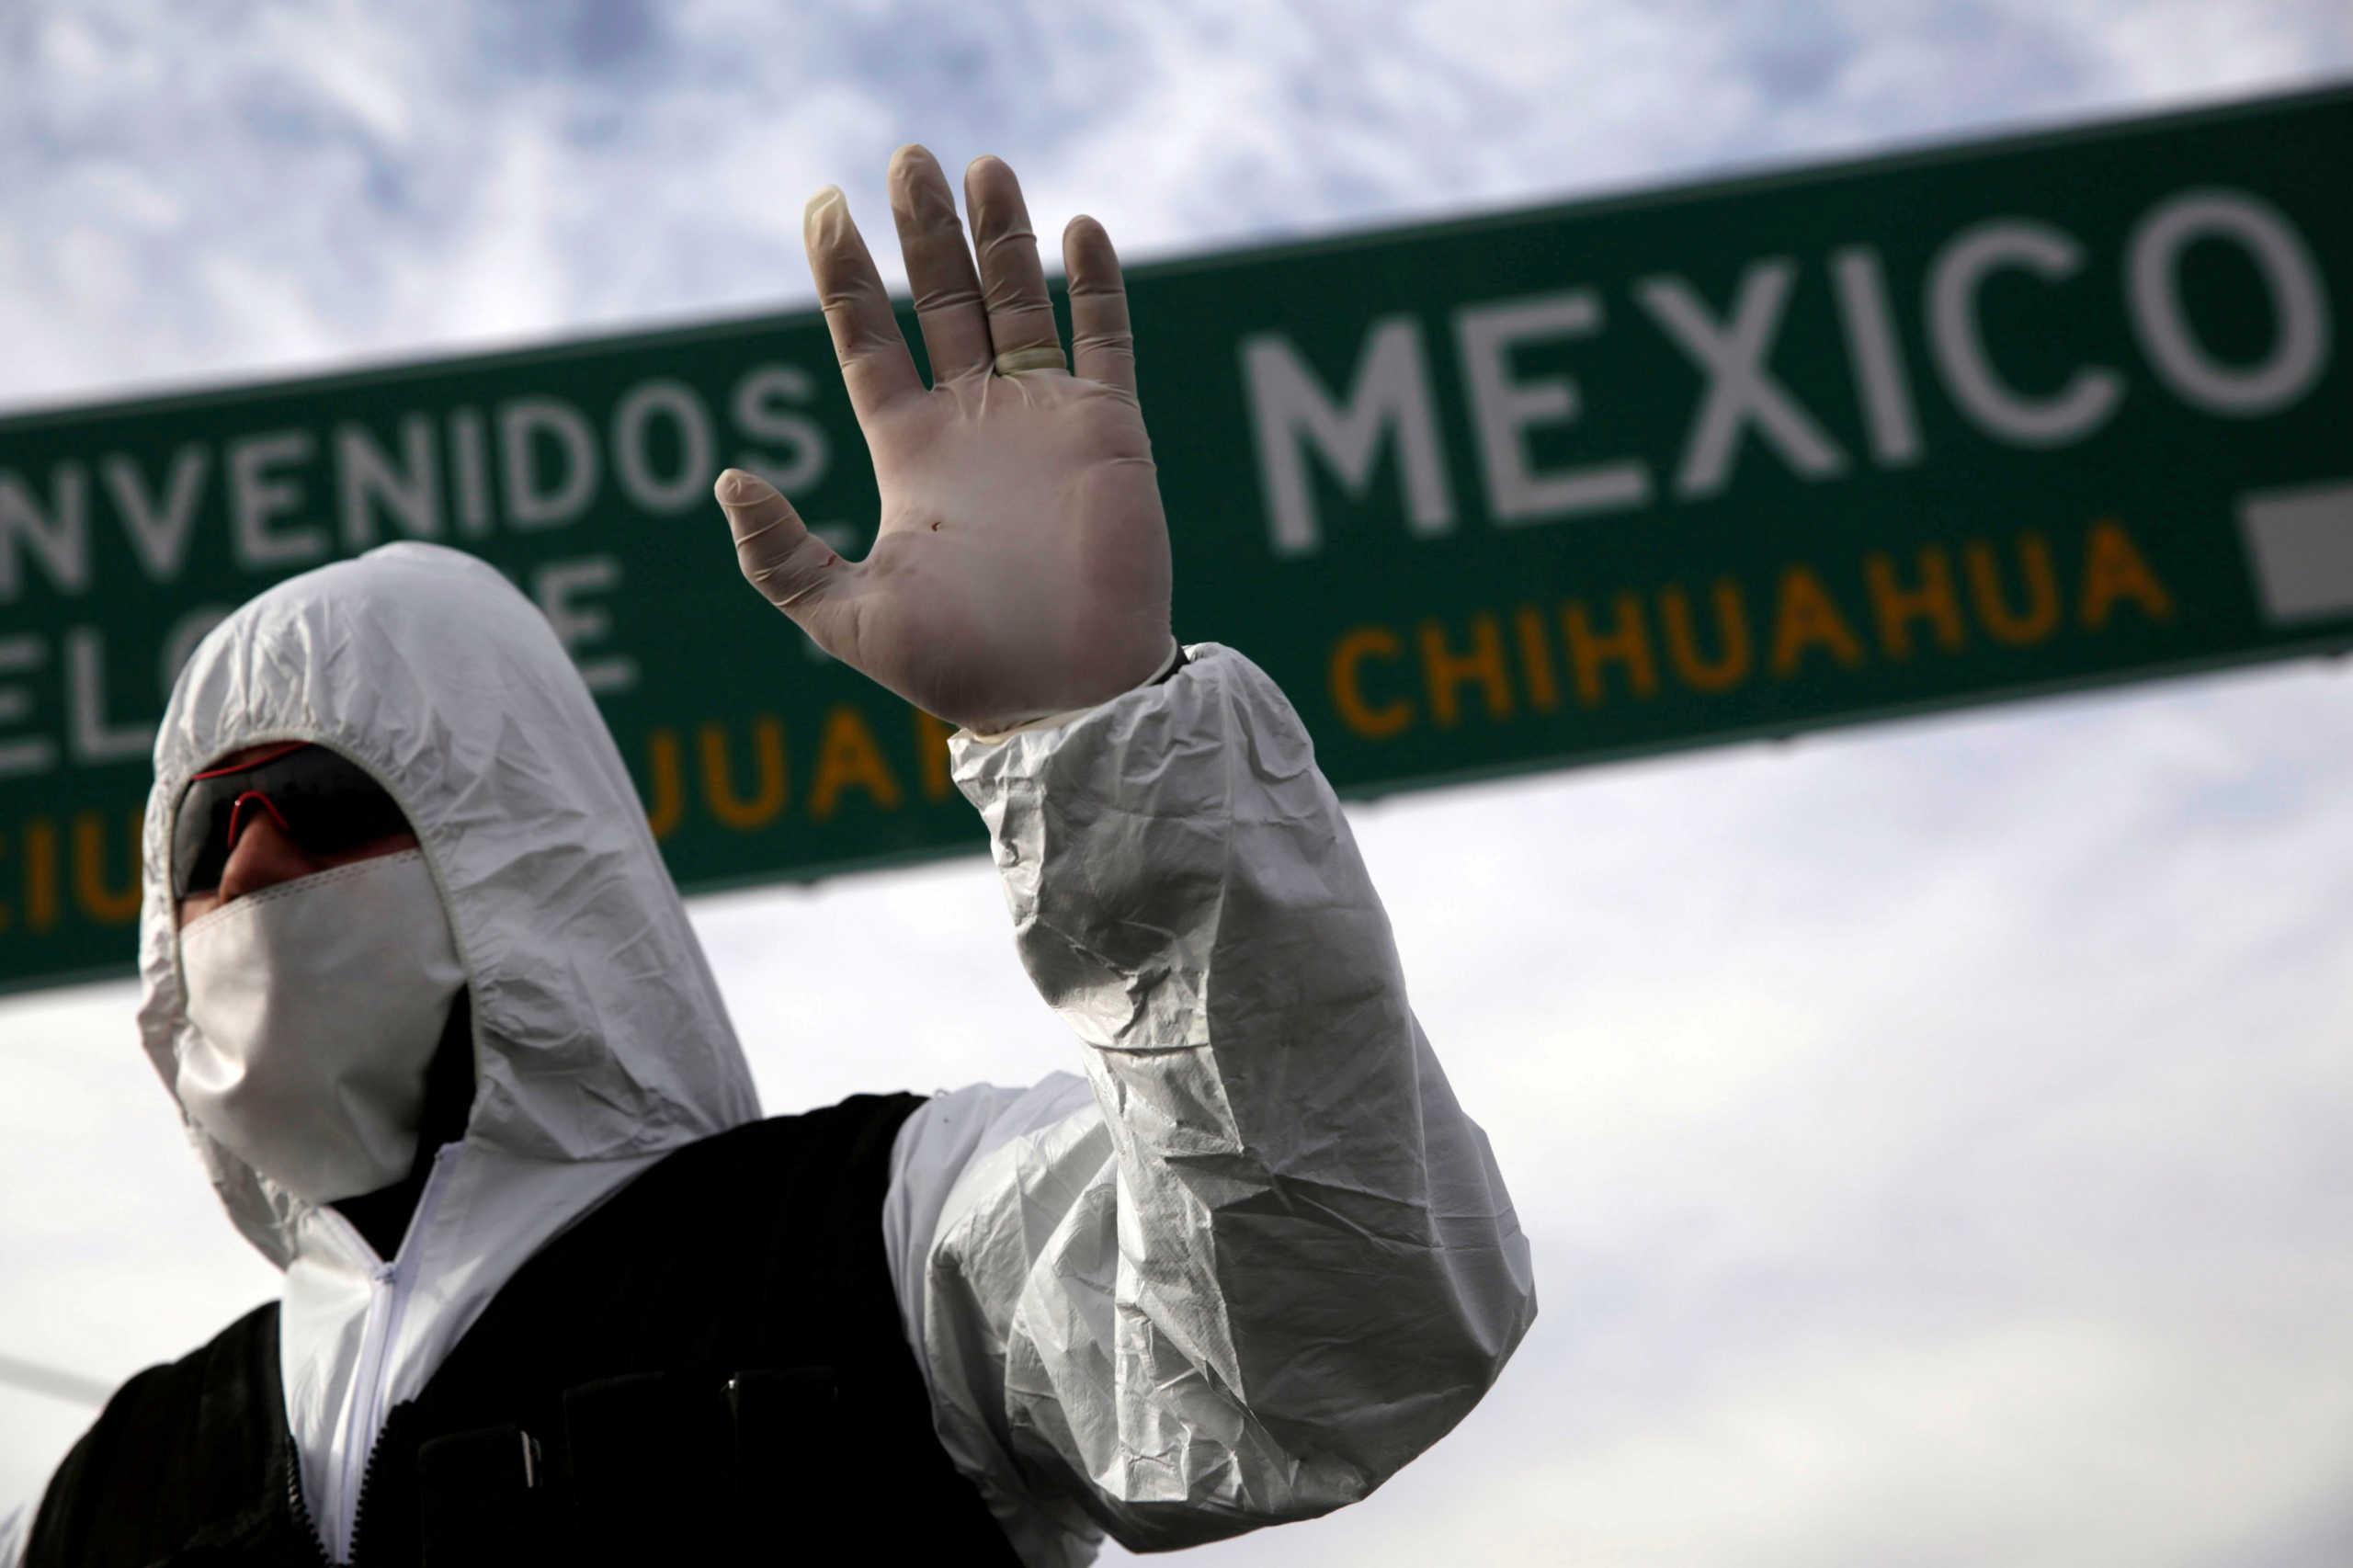 Κορονοϊός: 1.035 νεκροί στο Μεξικό, 358 κρούσματα στον Ισημερινό